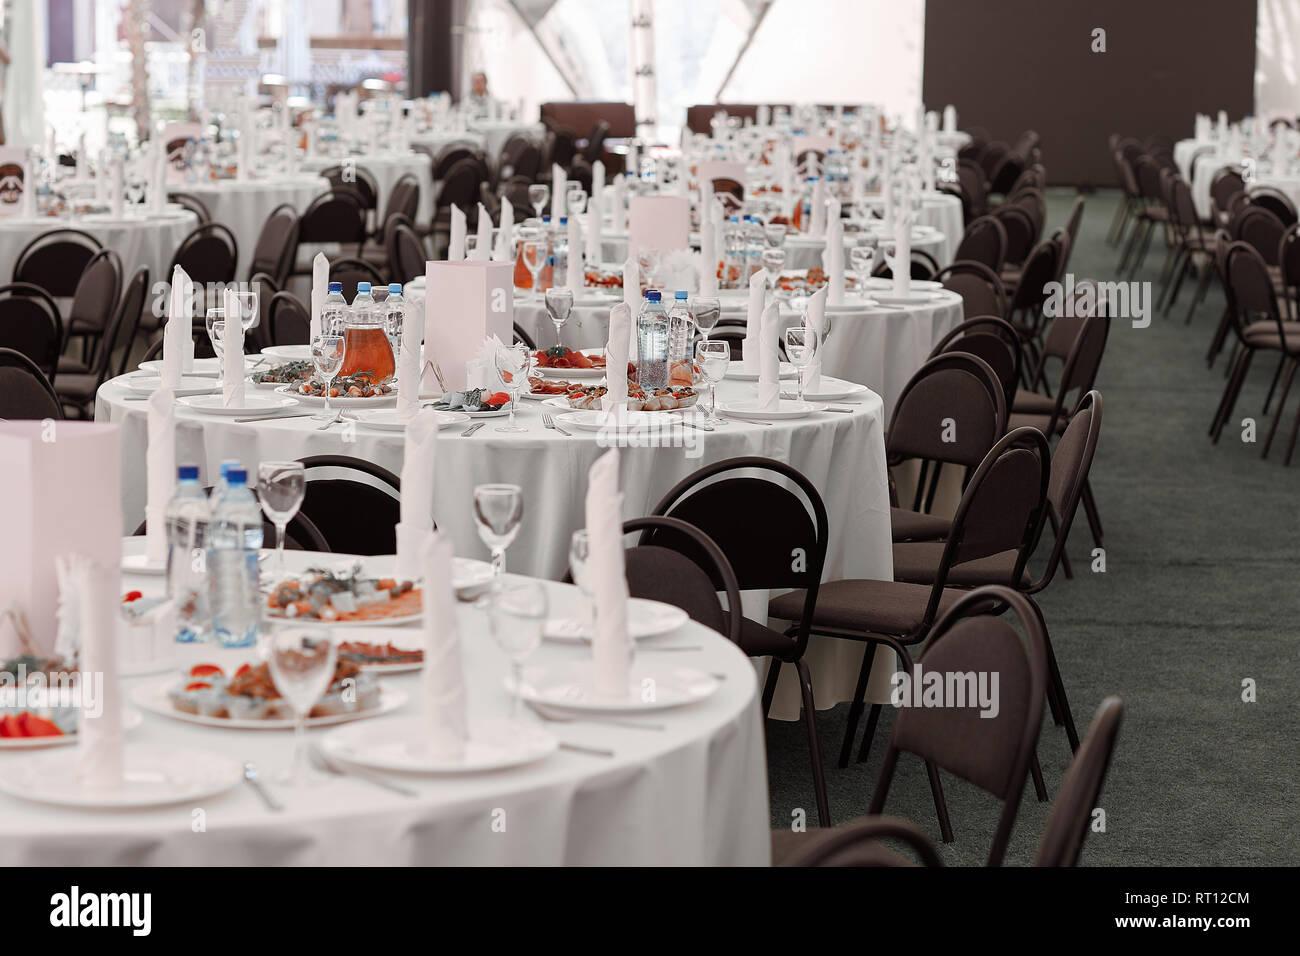 Table De Salle à Manger Dans La Salle De Banquet Du Restaurant Moderne